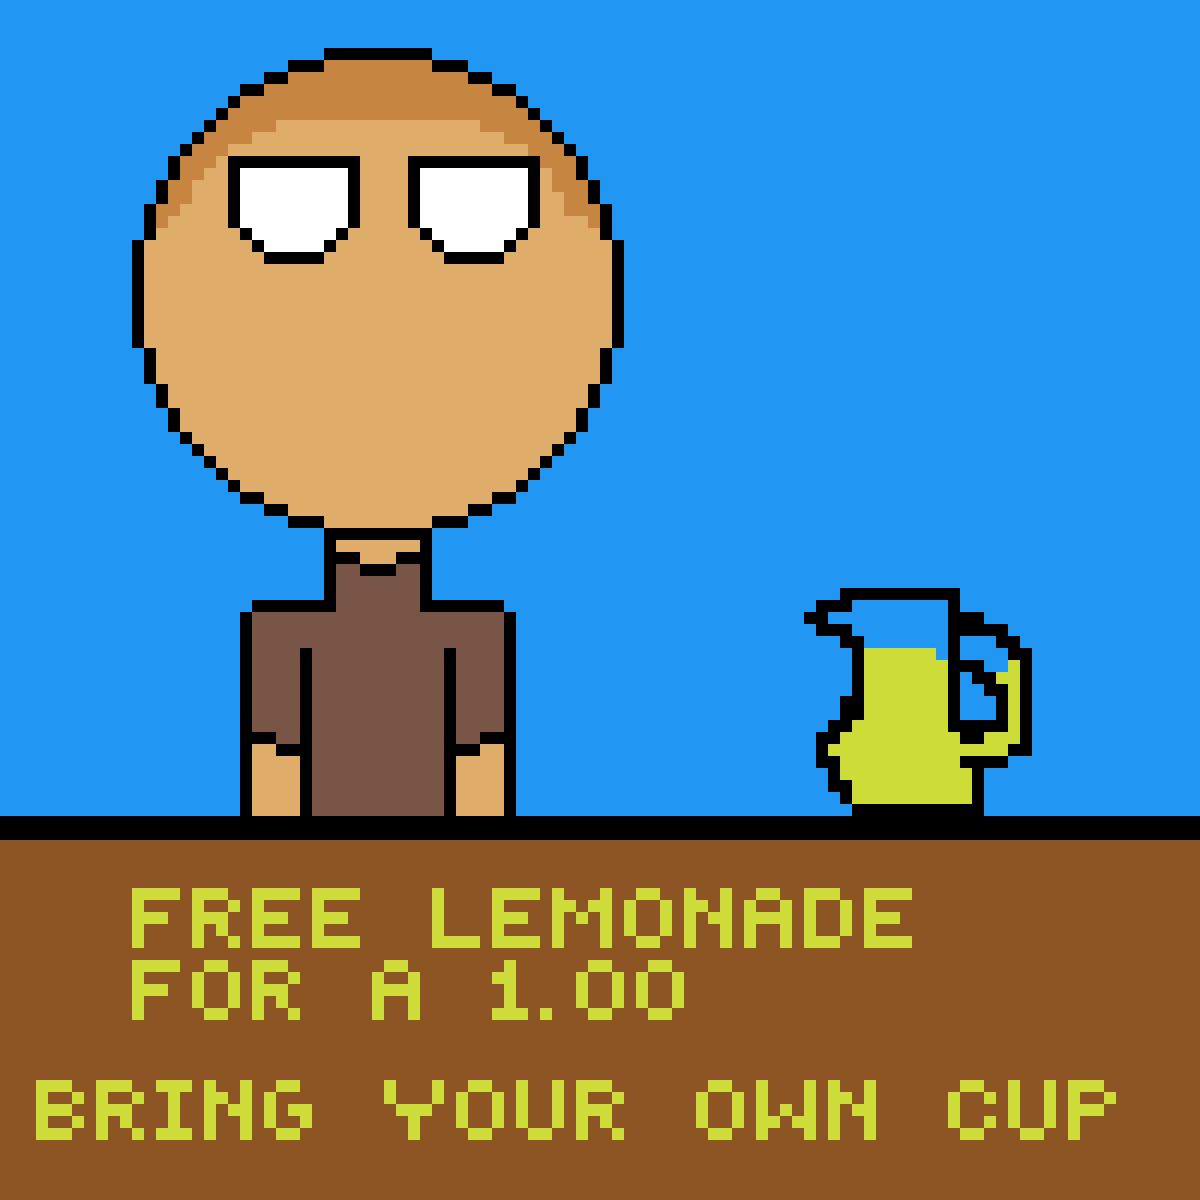 free lemonade for a $1.00 by BGNATIONBRIAN